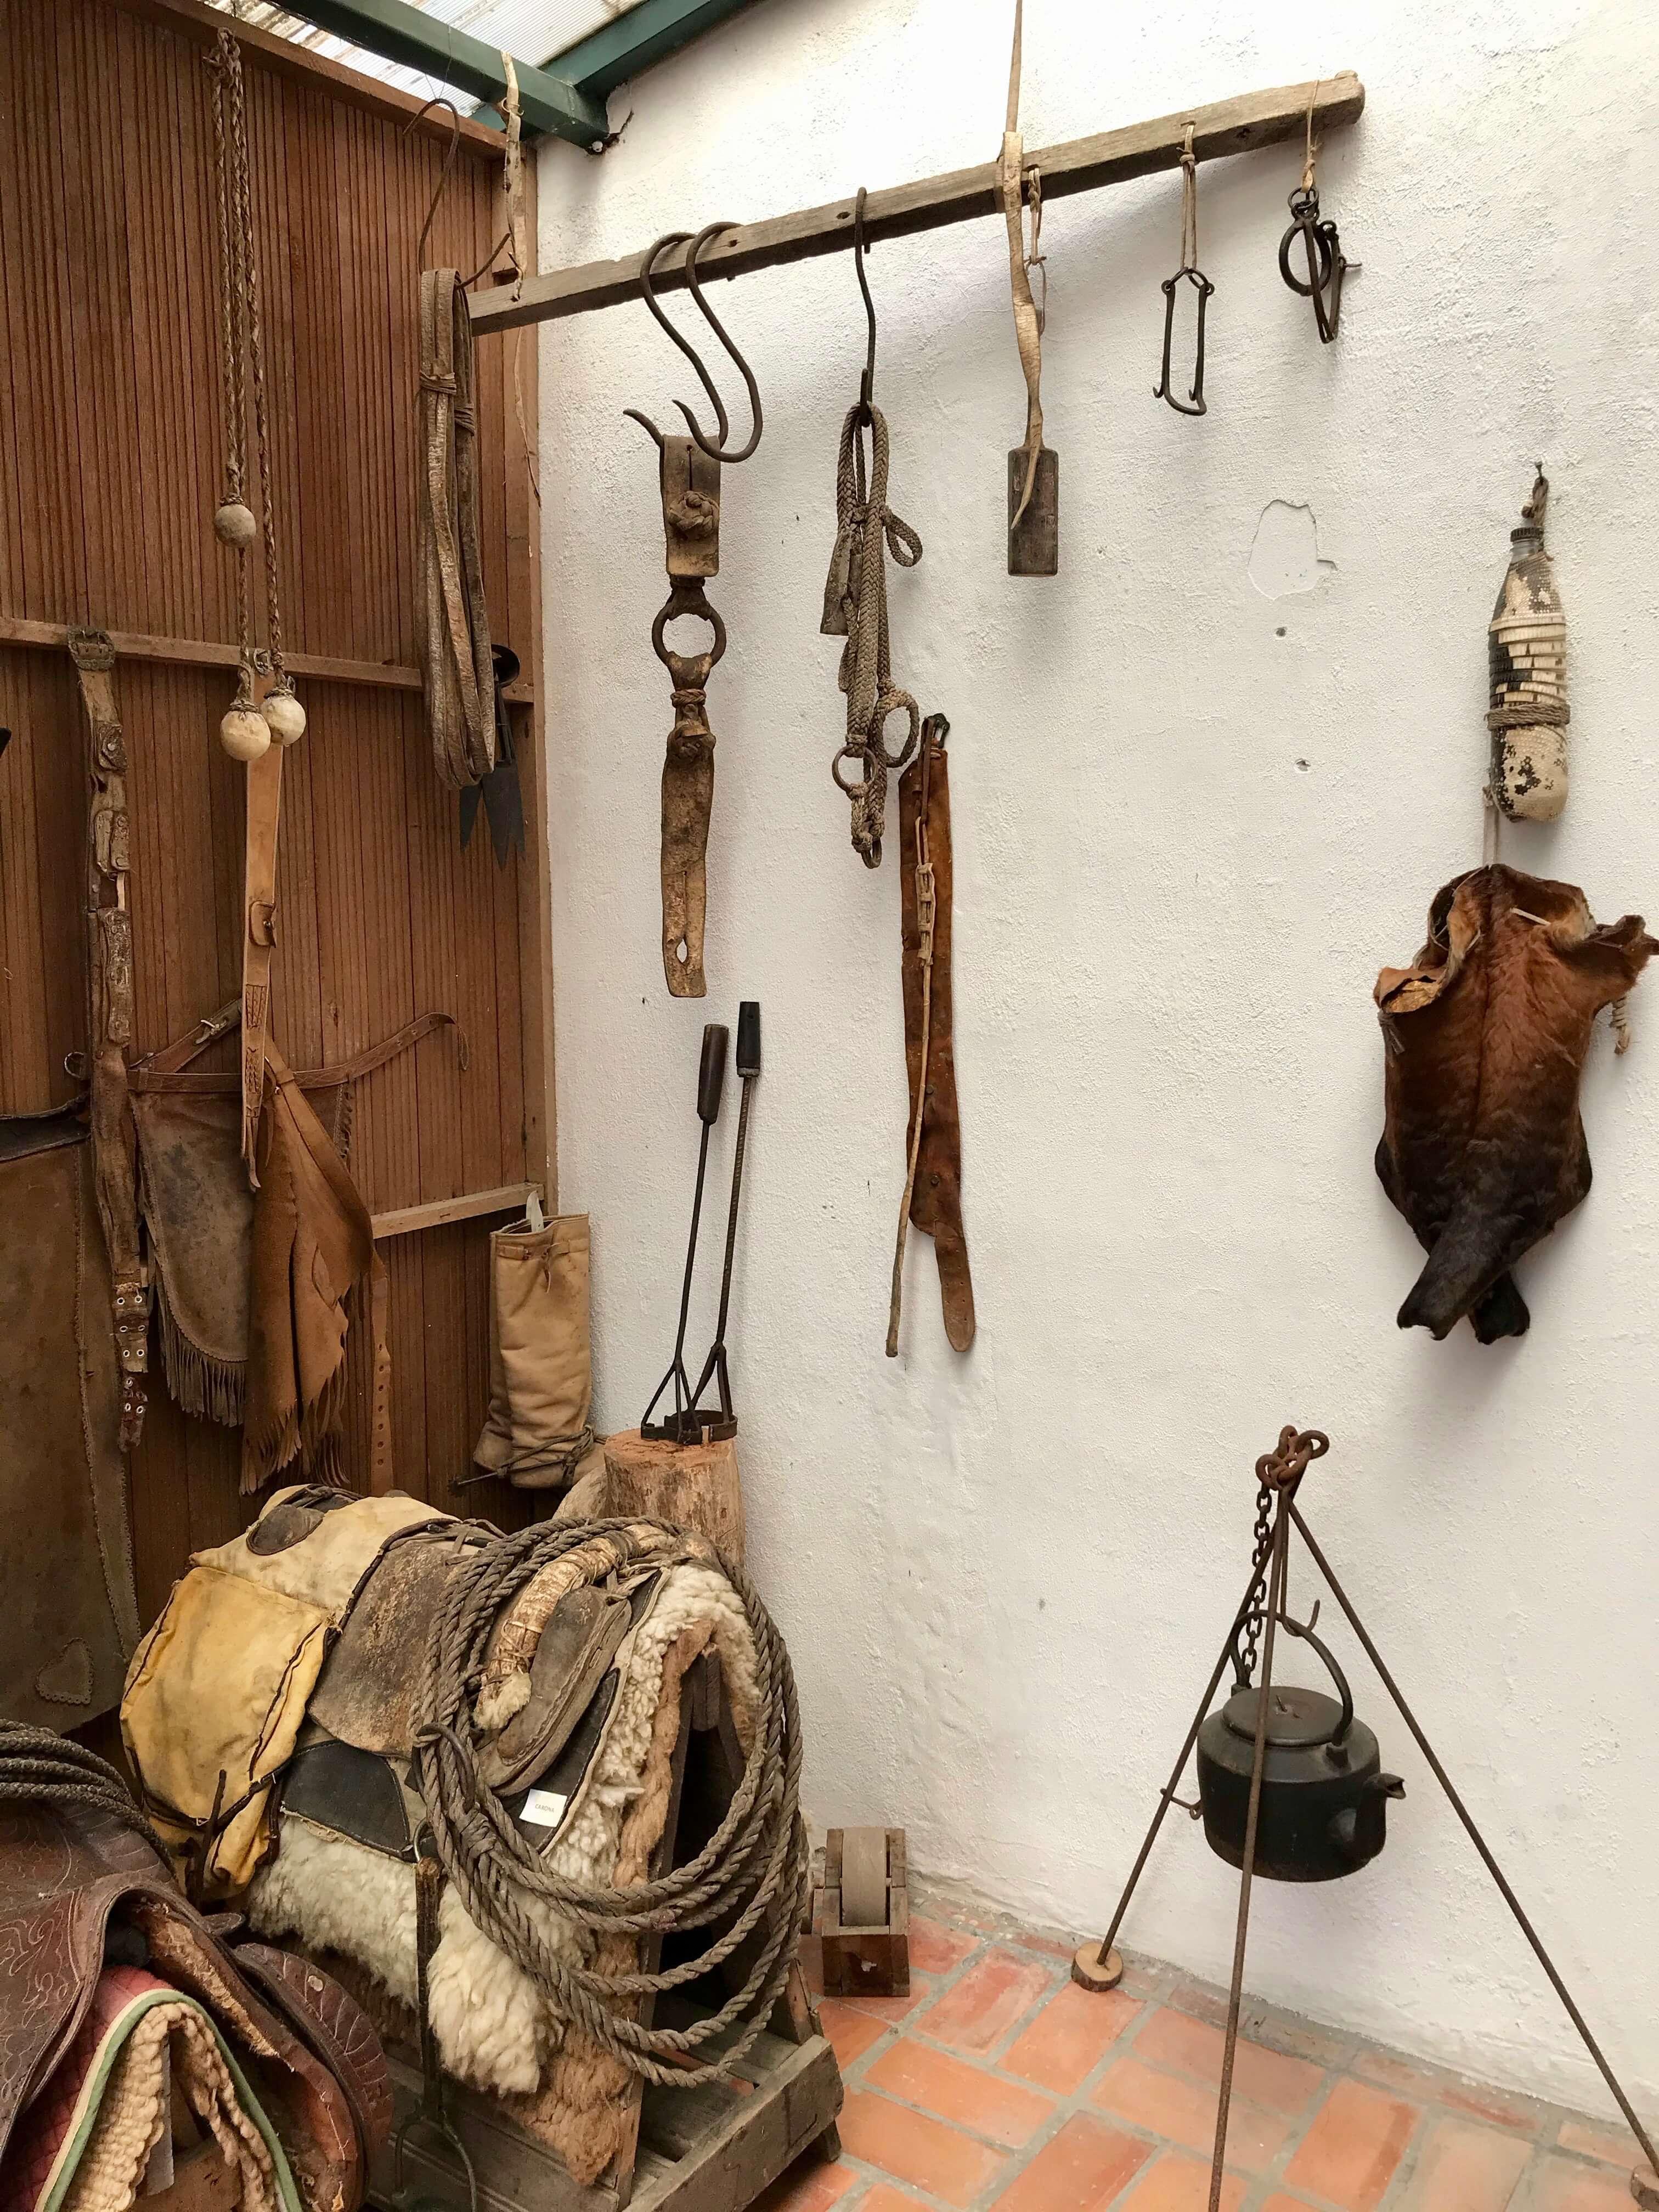 artefatos antigos gaúchos